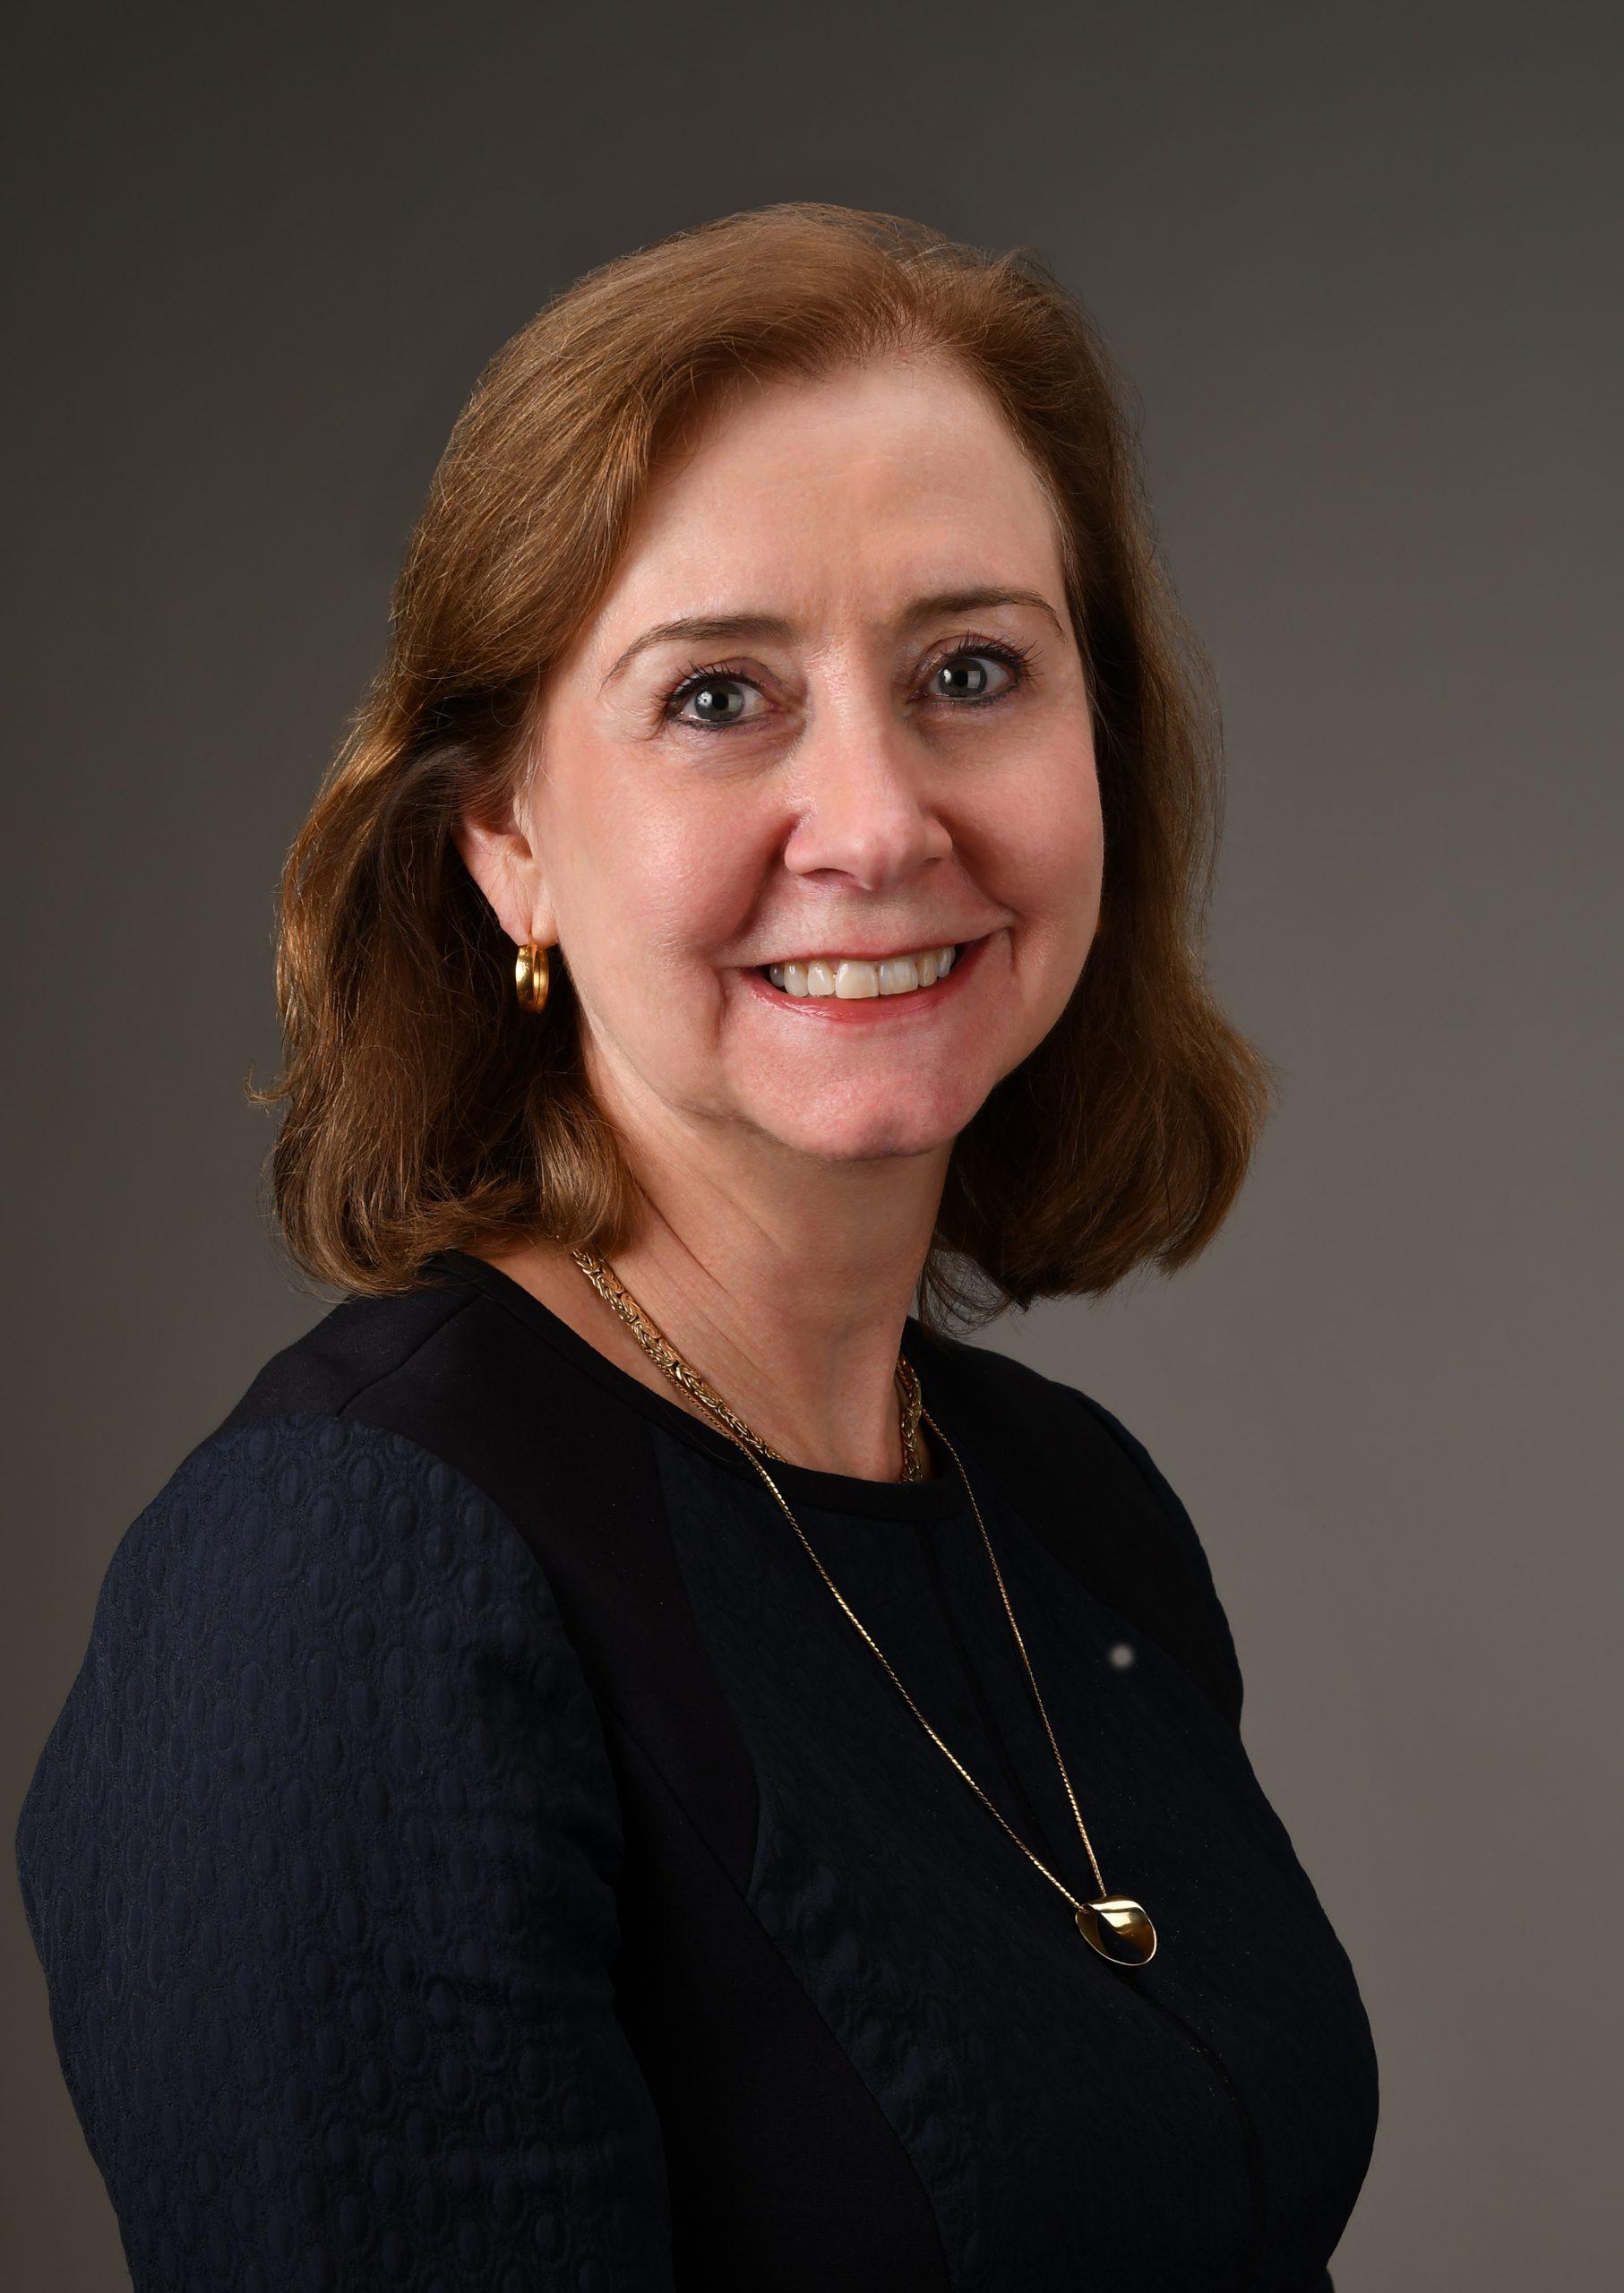 Linda Ewing-Cobbs, PhD